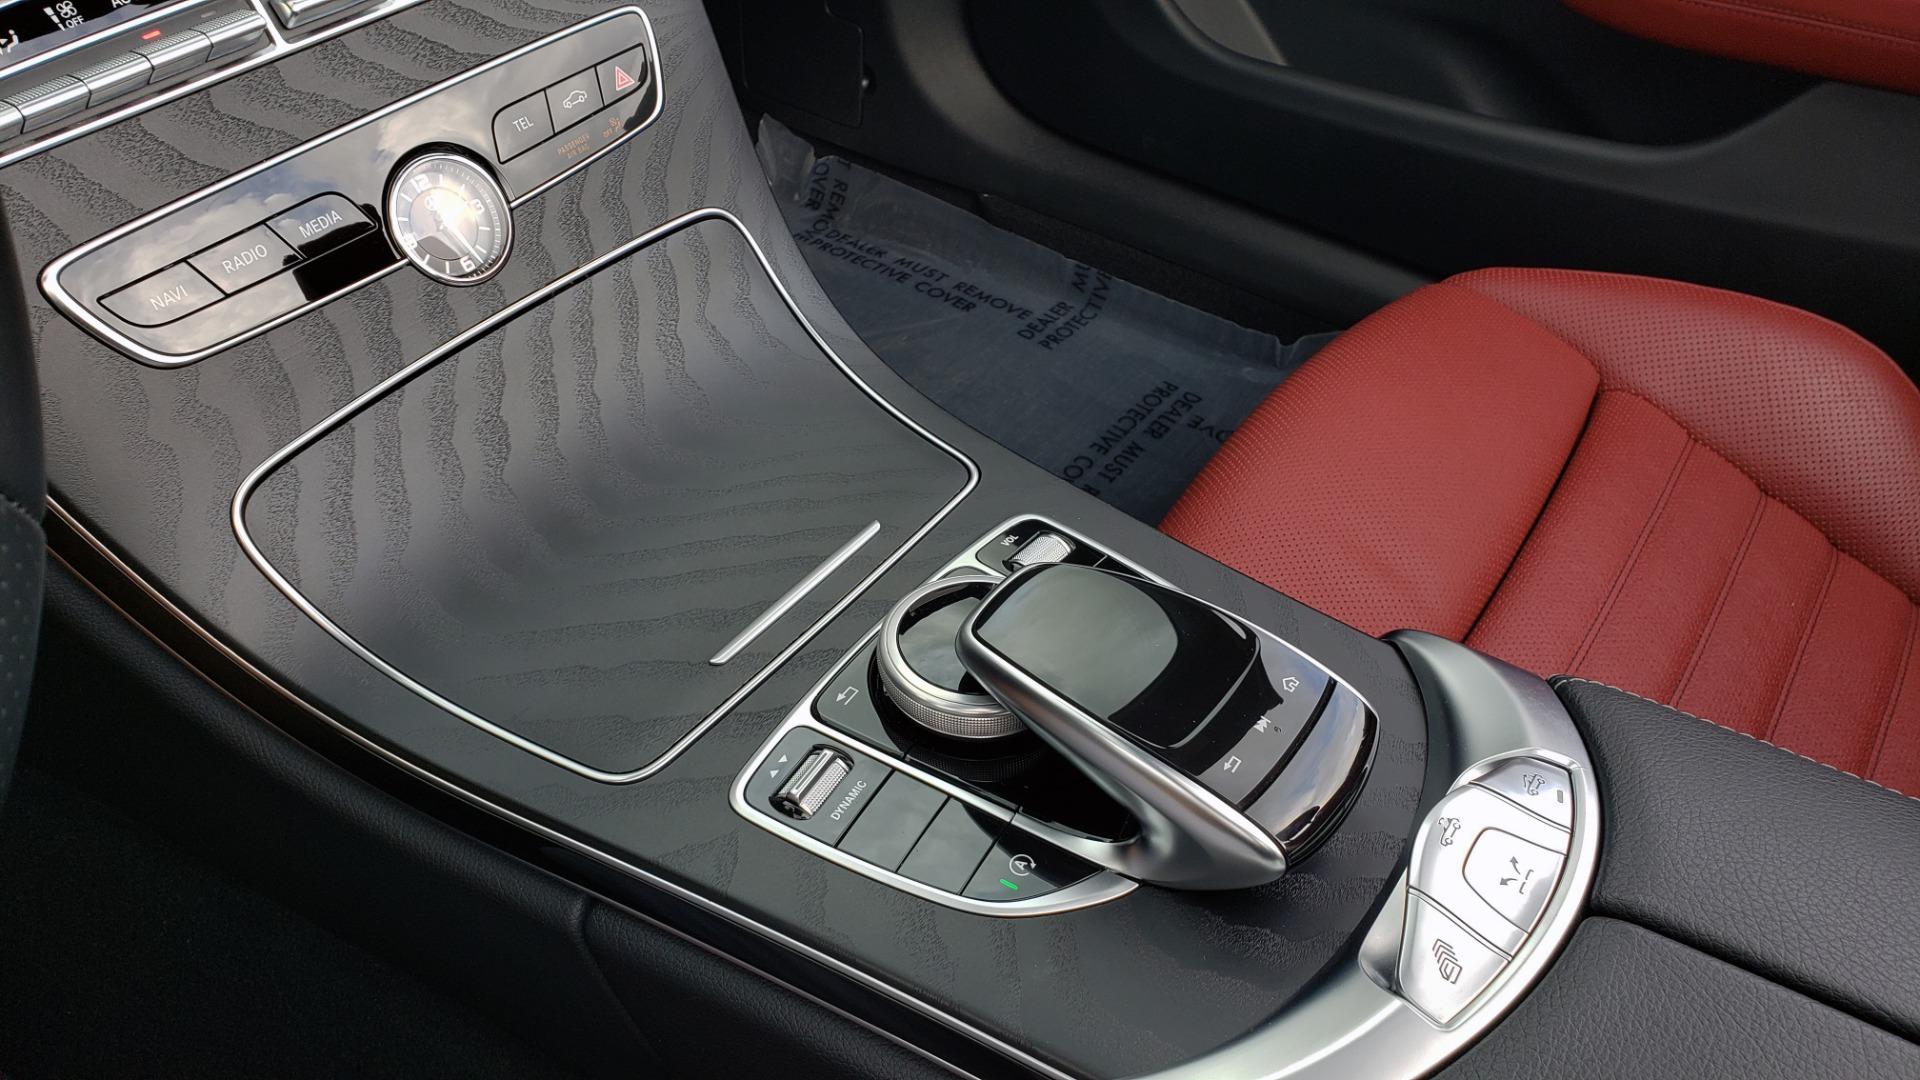 Used 2019 Mercedes-Benz C-CLASS C 300 CABRIOLET / PREM PKG / NAV / BURMESTER / MULTIMEDIA for sale Sold at Formula Imports in Charlotte NC 28227 49